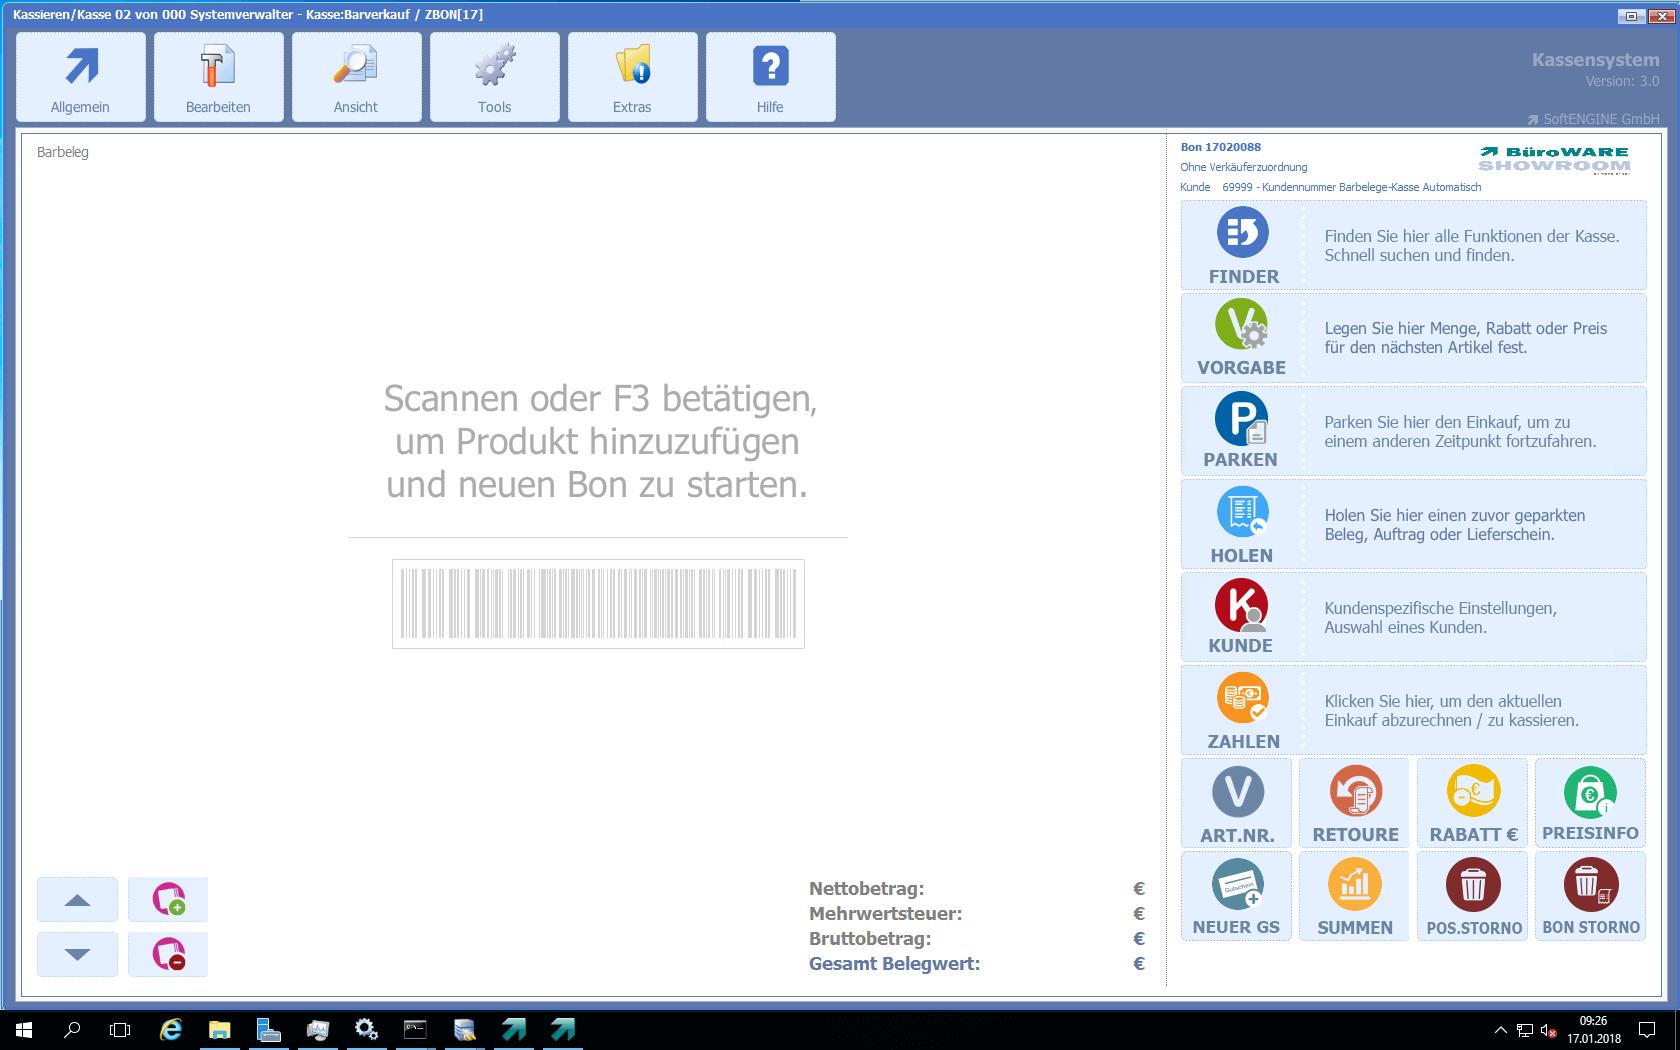 Screenshot der Oberfläche vom Kassensystem - Kasse 3.0 für BüroWARE